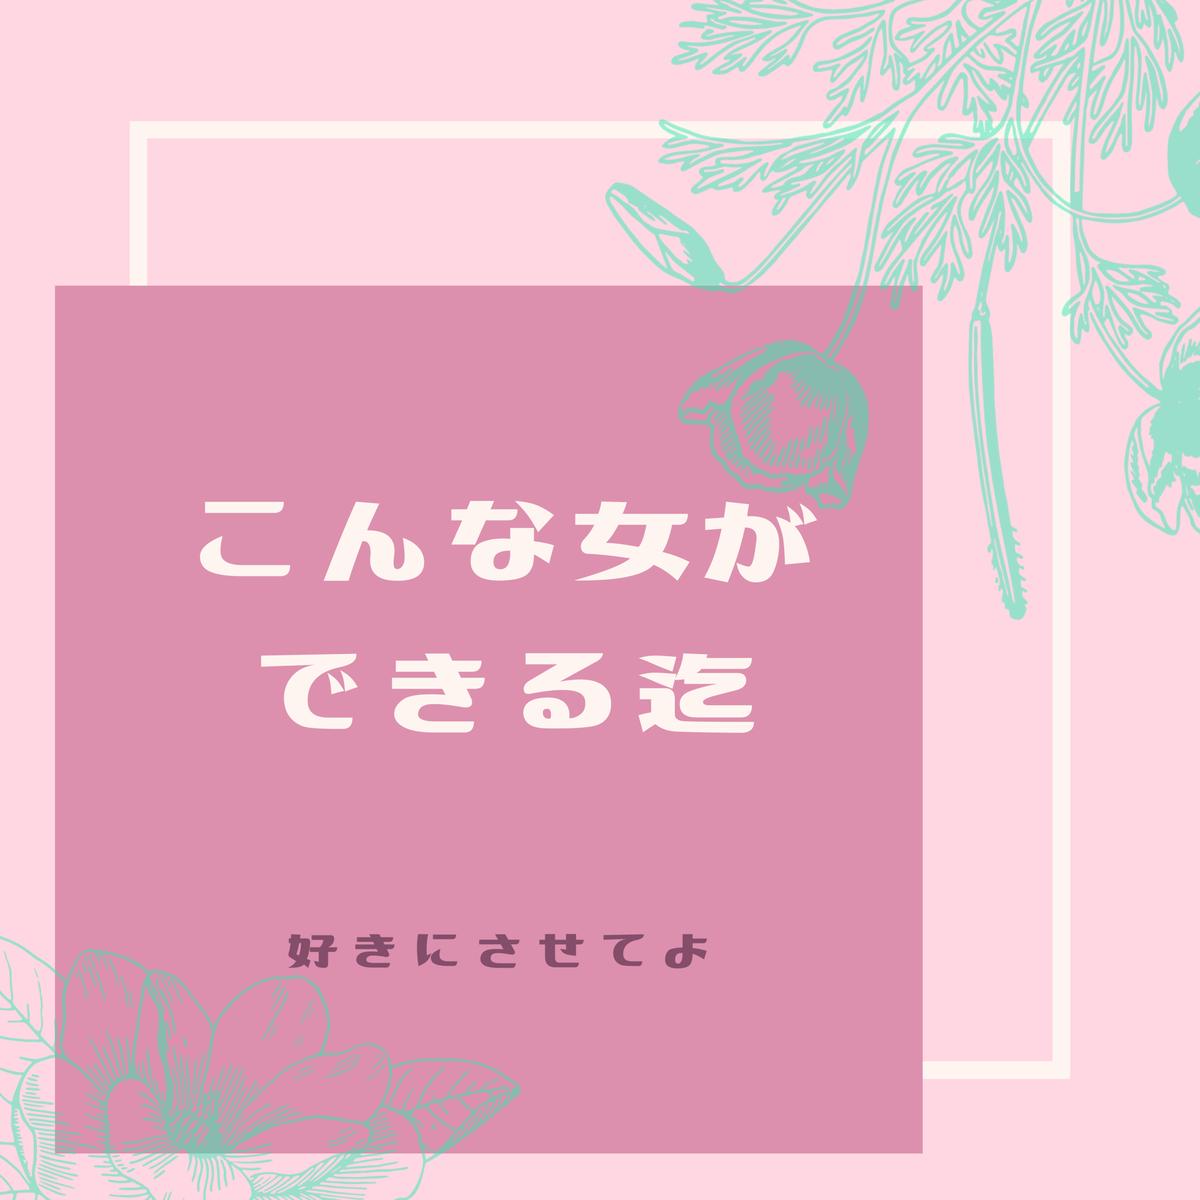 f:id:tsukino25:20190824163256p:plain